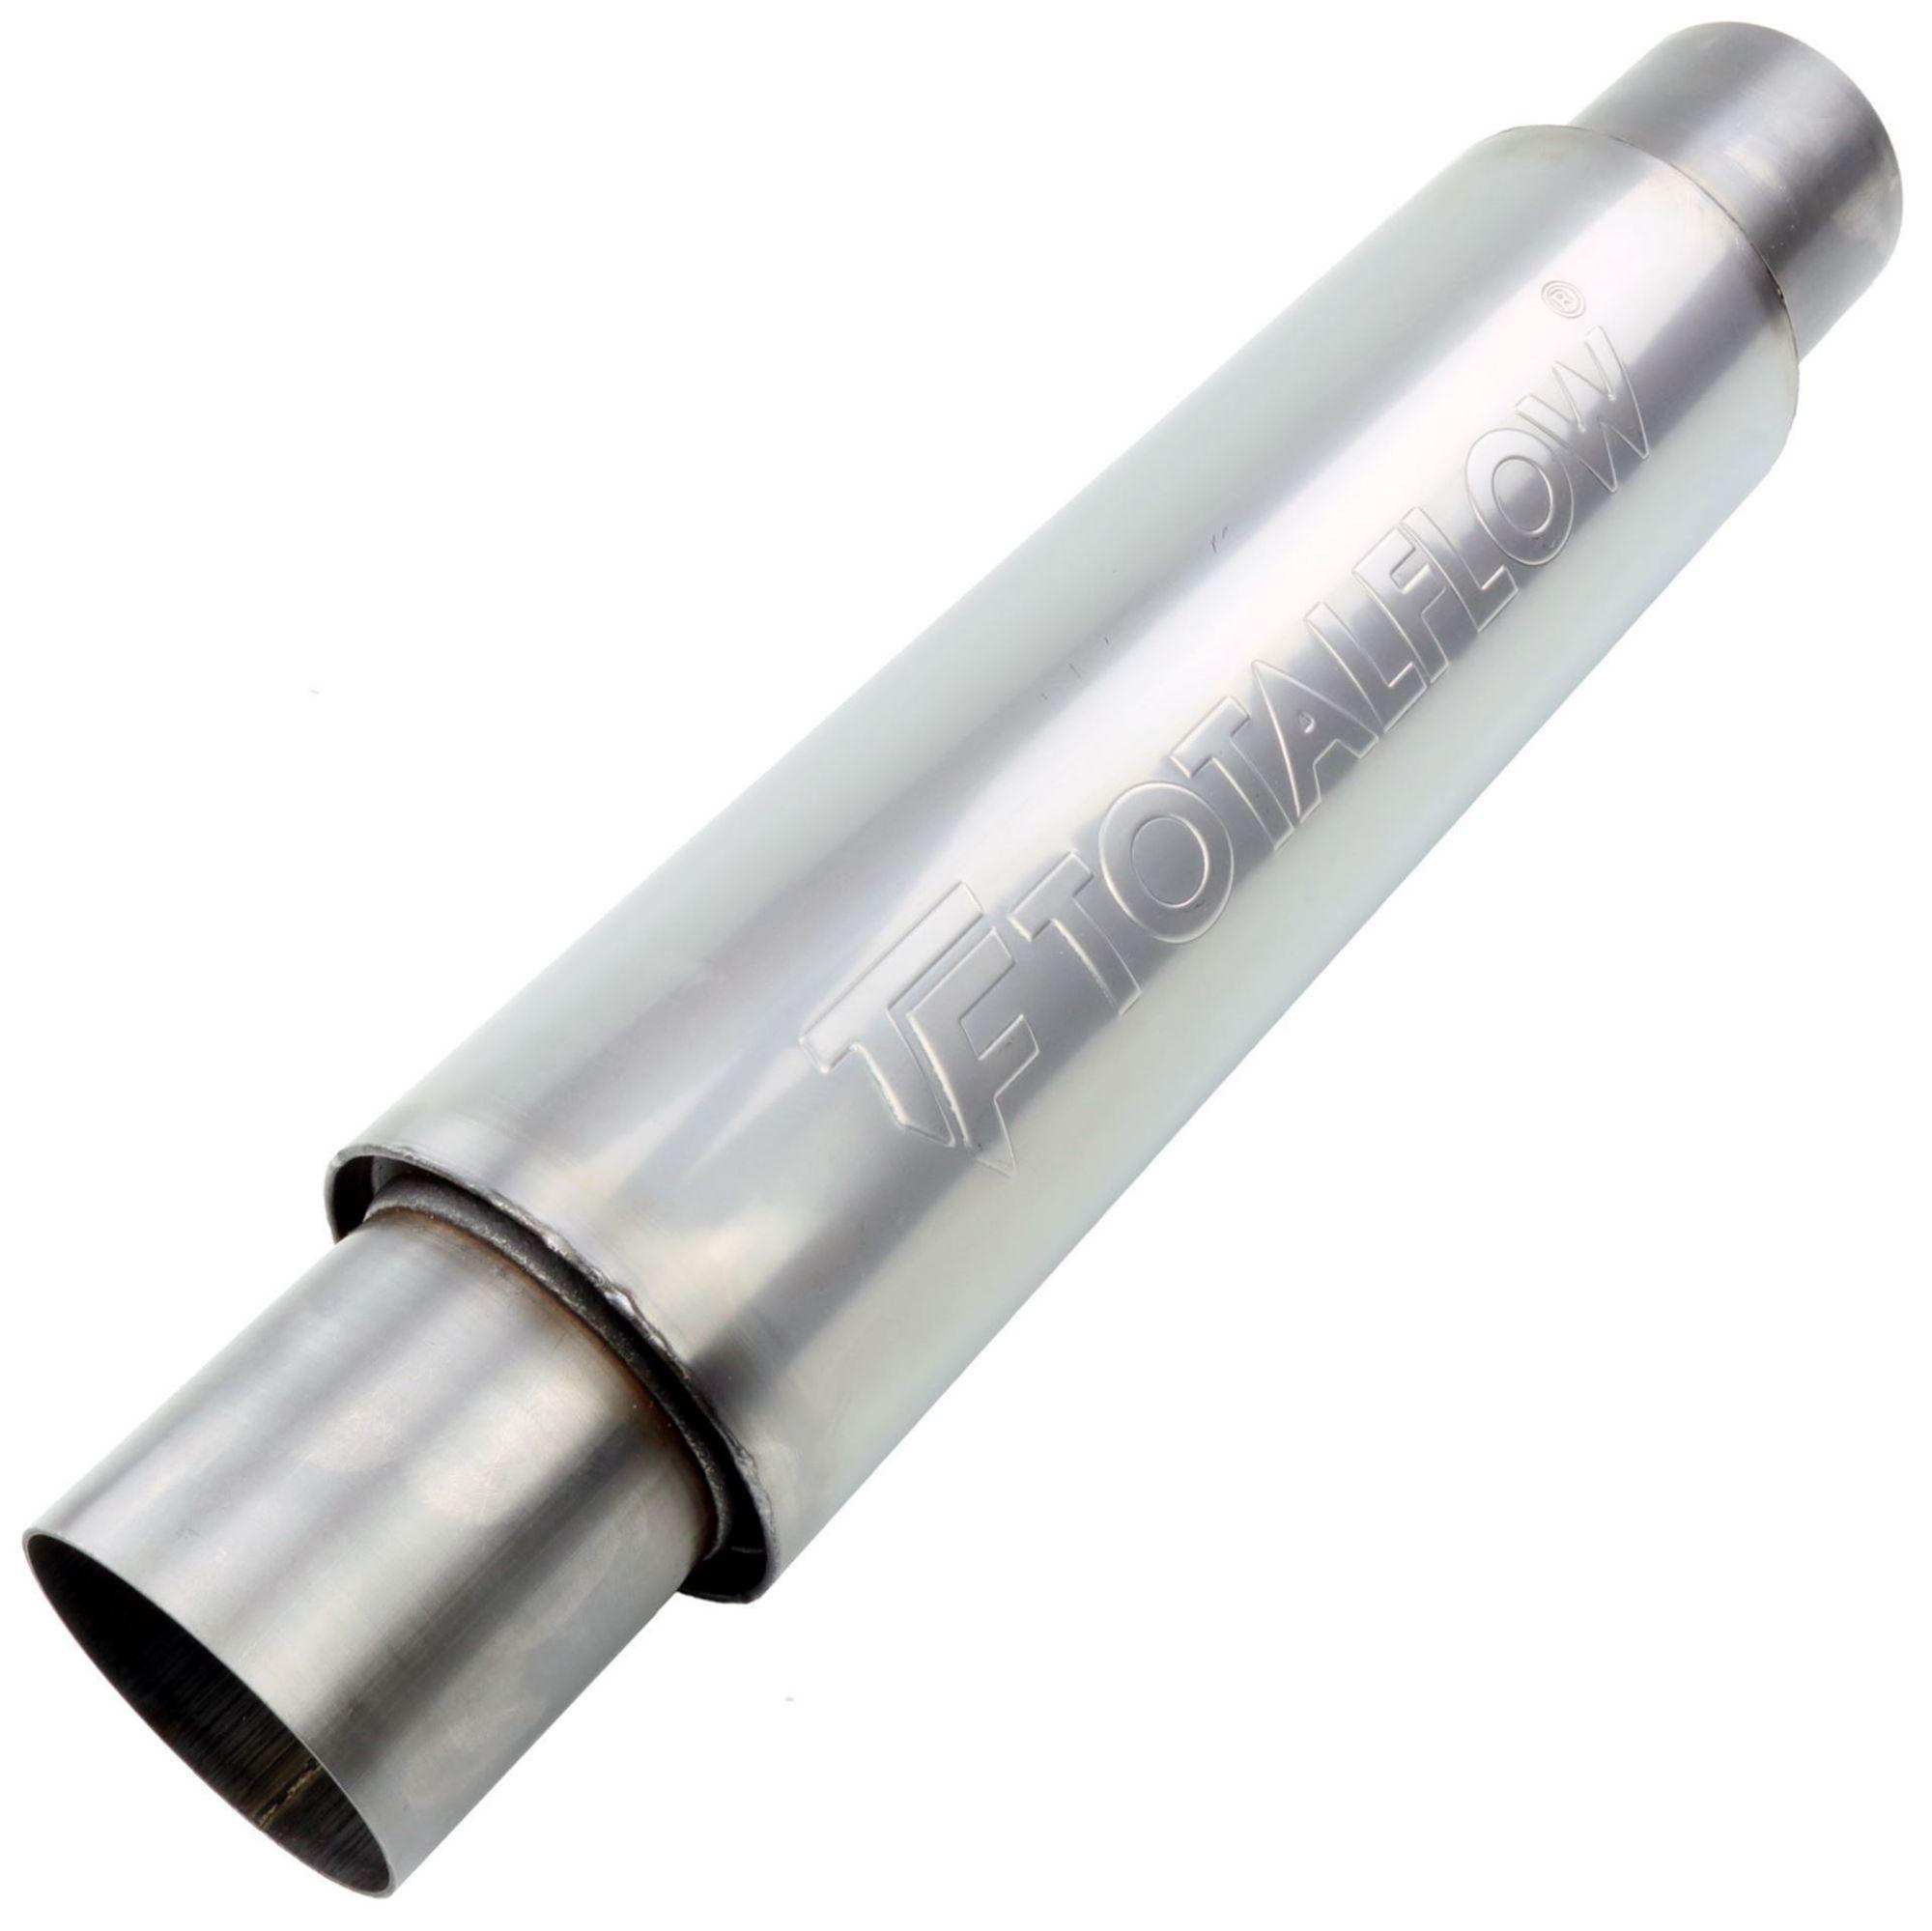 TOTALFLOW 22116 Straight Through Universal Exhaust Muffler - 2.5 Inch ID